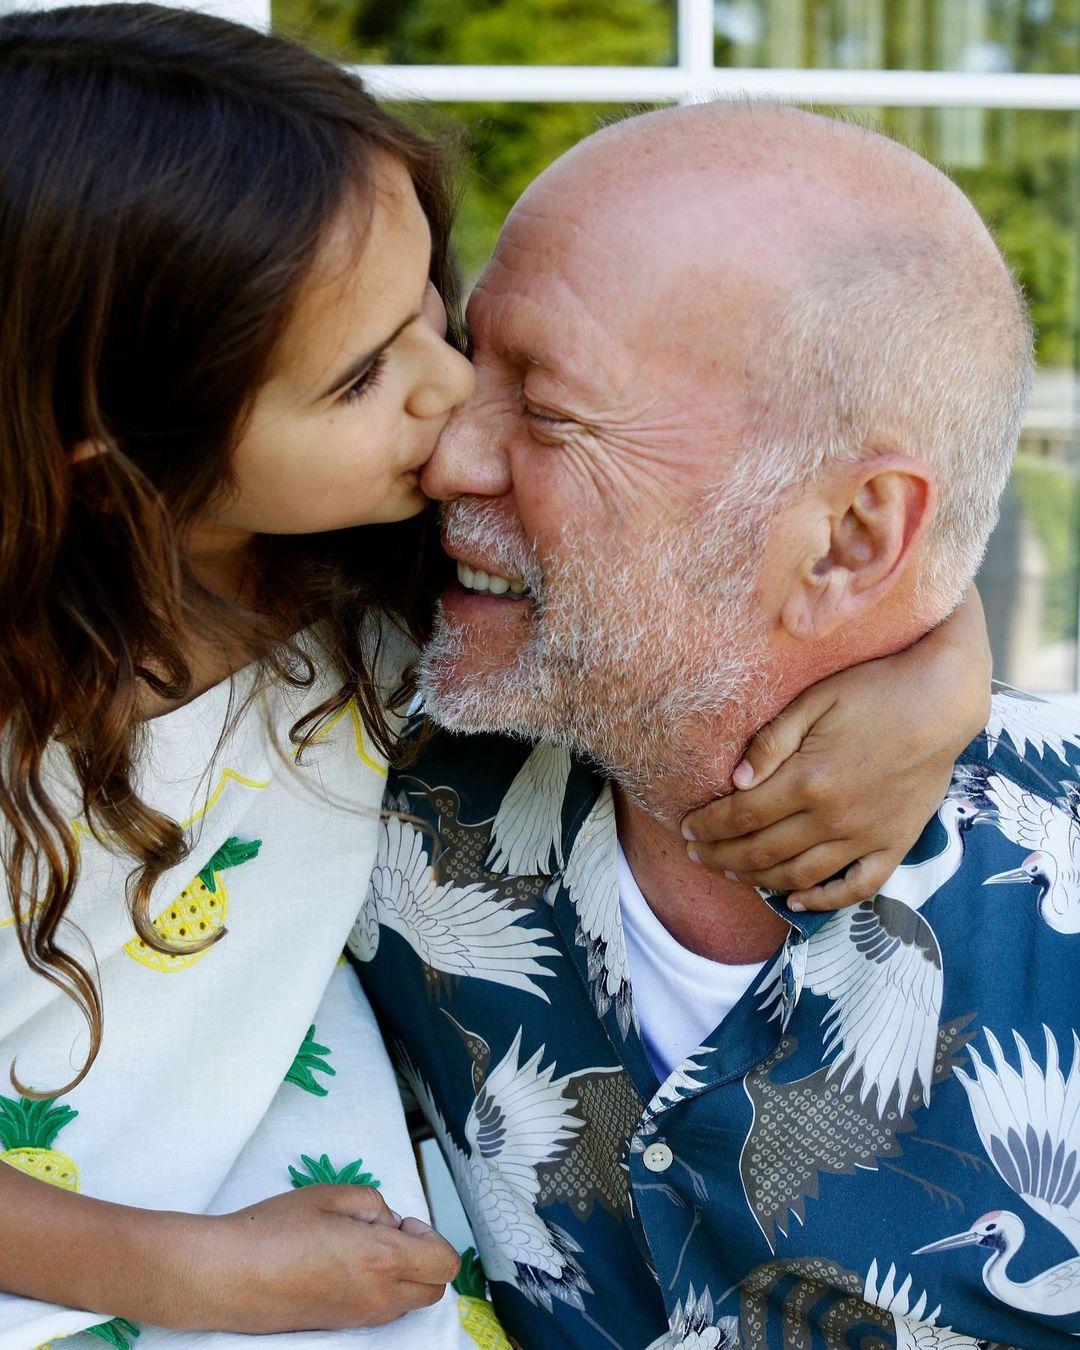 Брюса Уиллиса нещадно раскритиковали за поцелуй в губы с восьмилетней дочерью